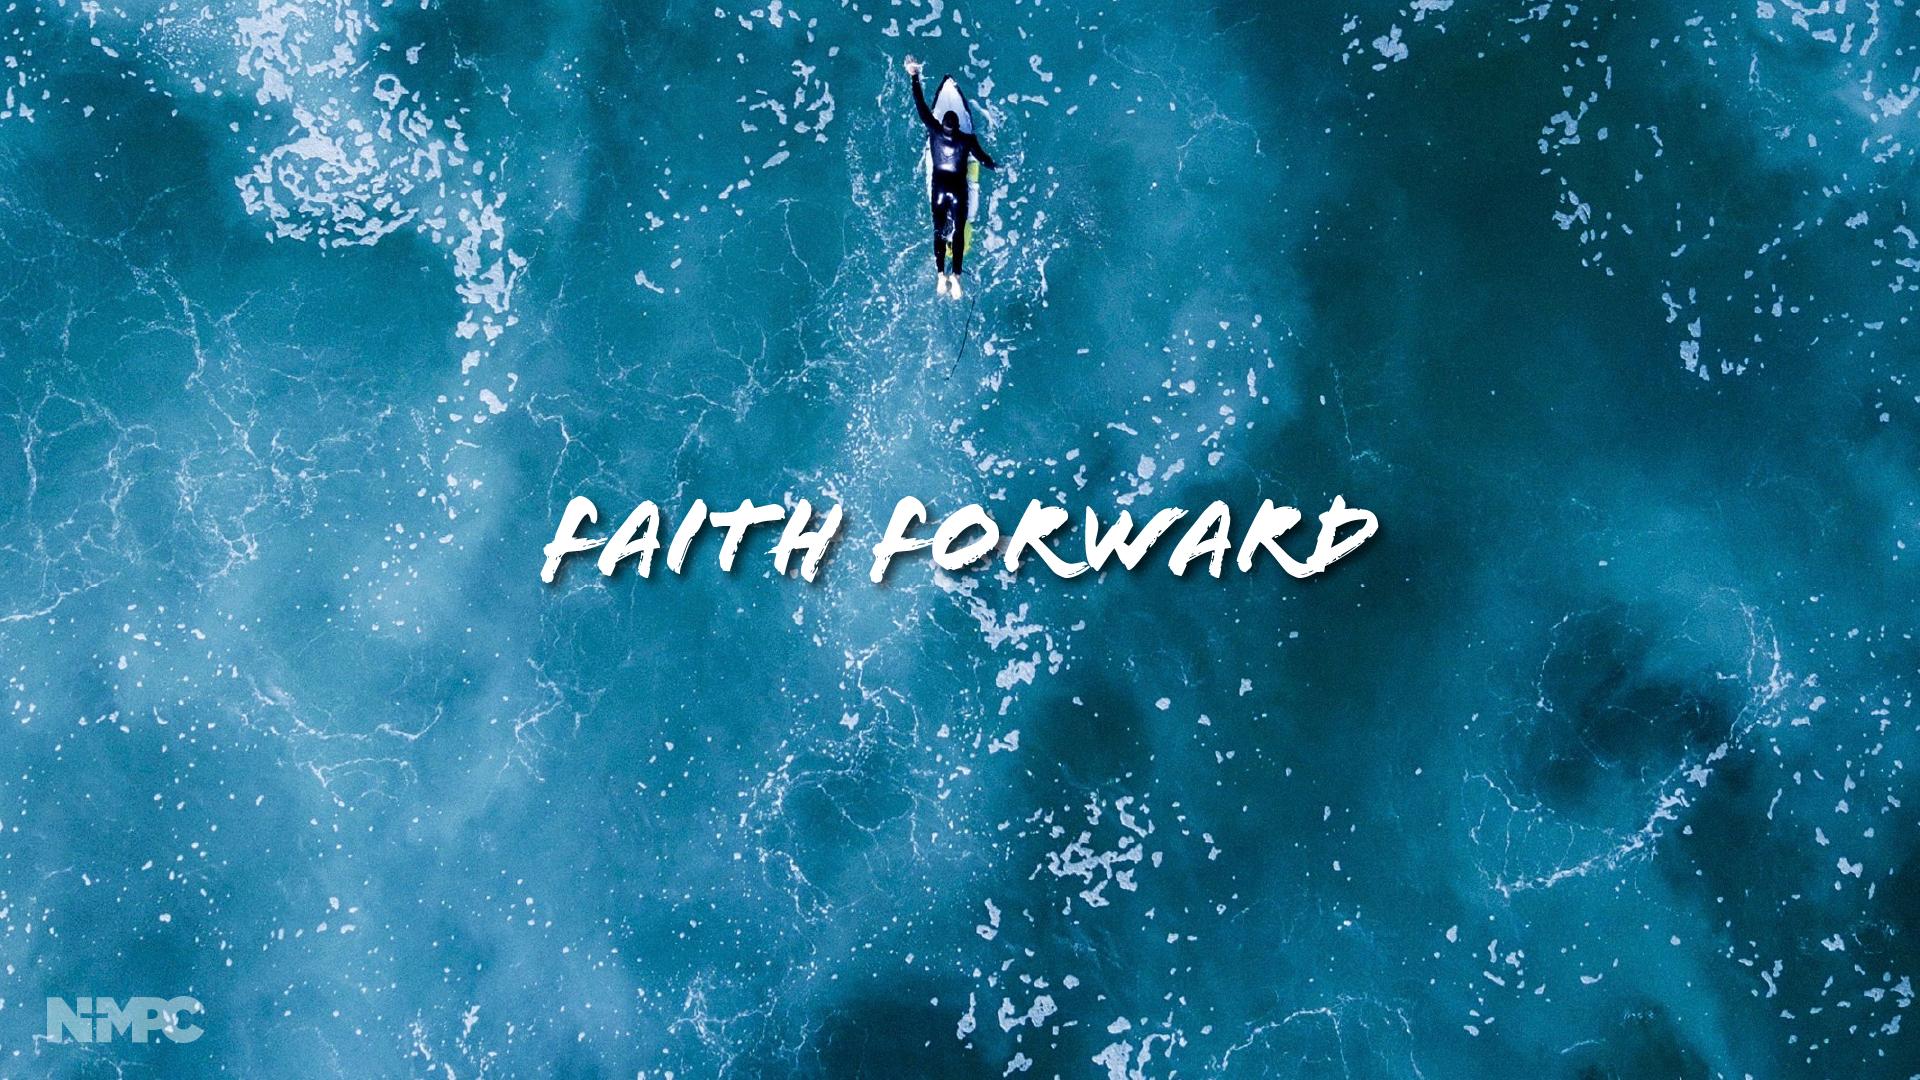 Faith Foward Official - Summer.png